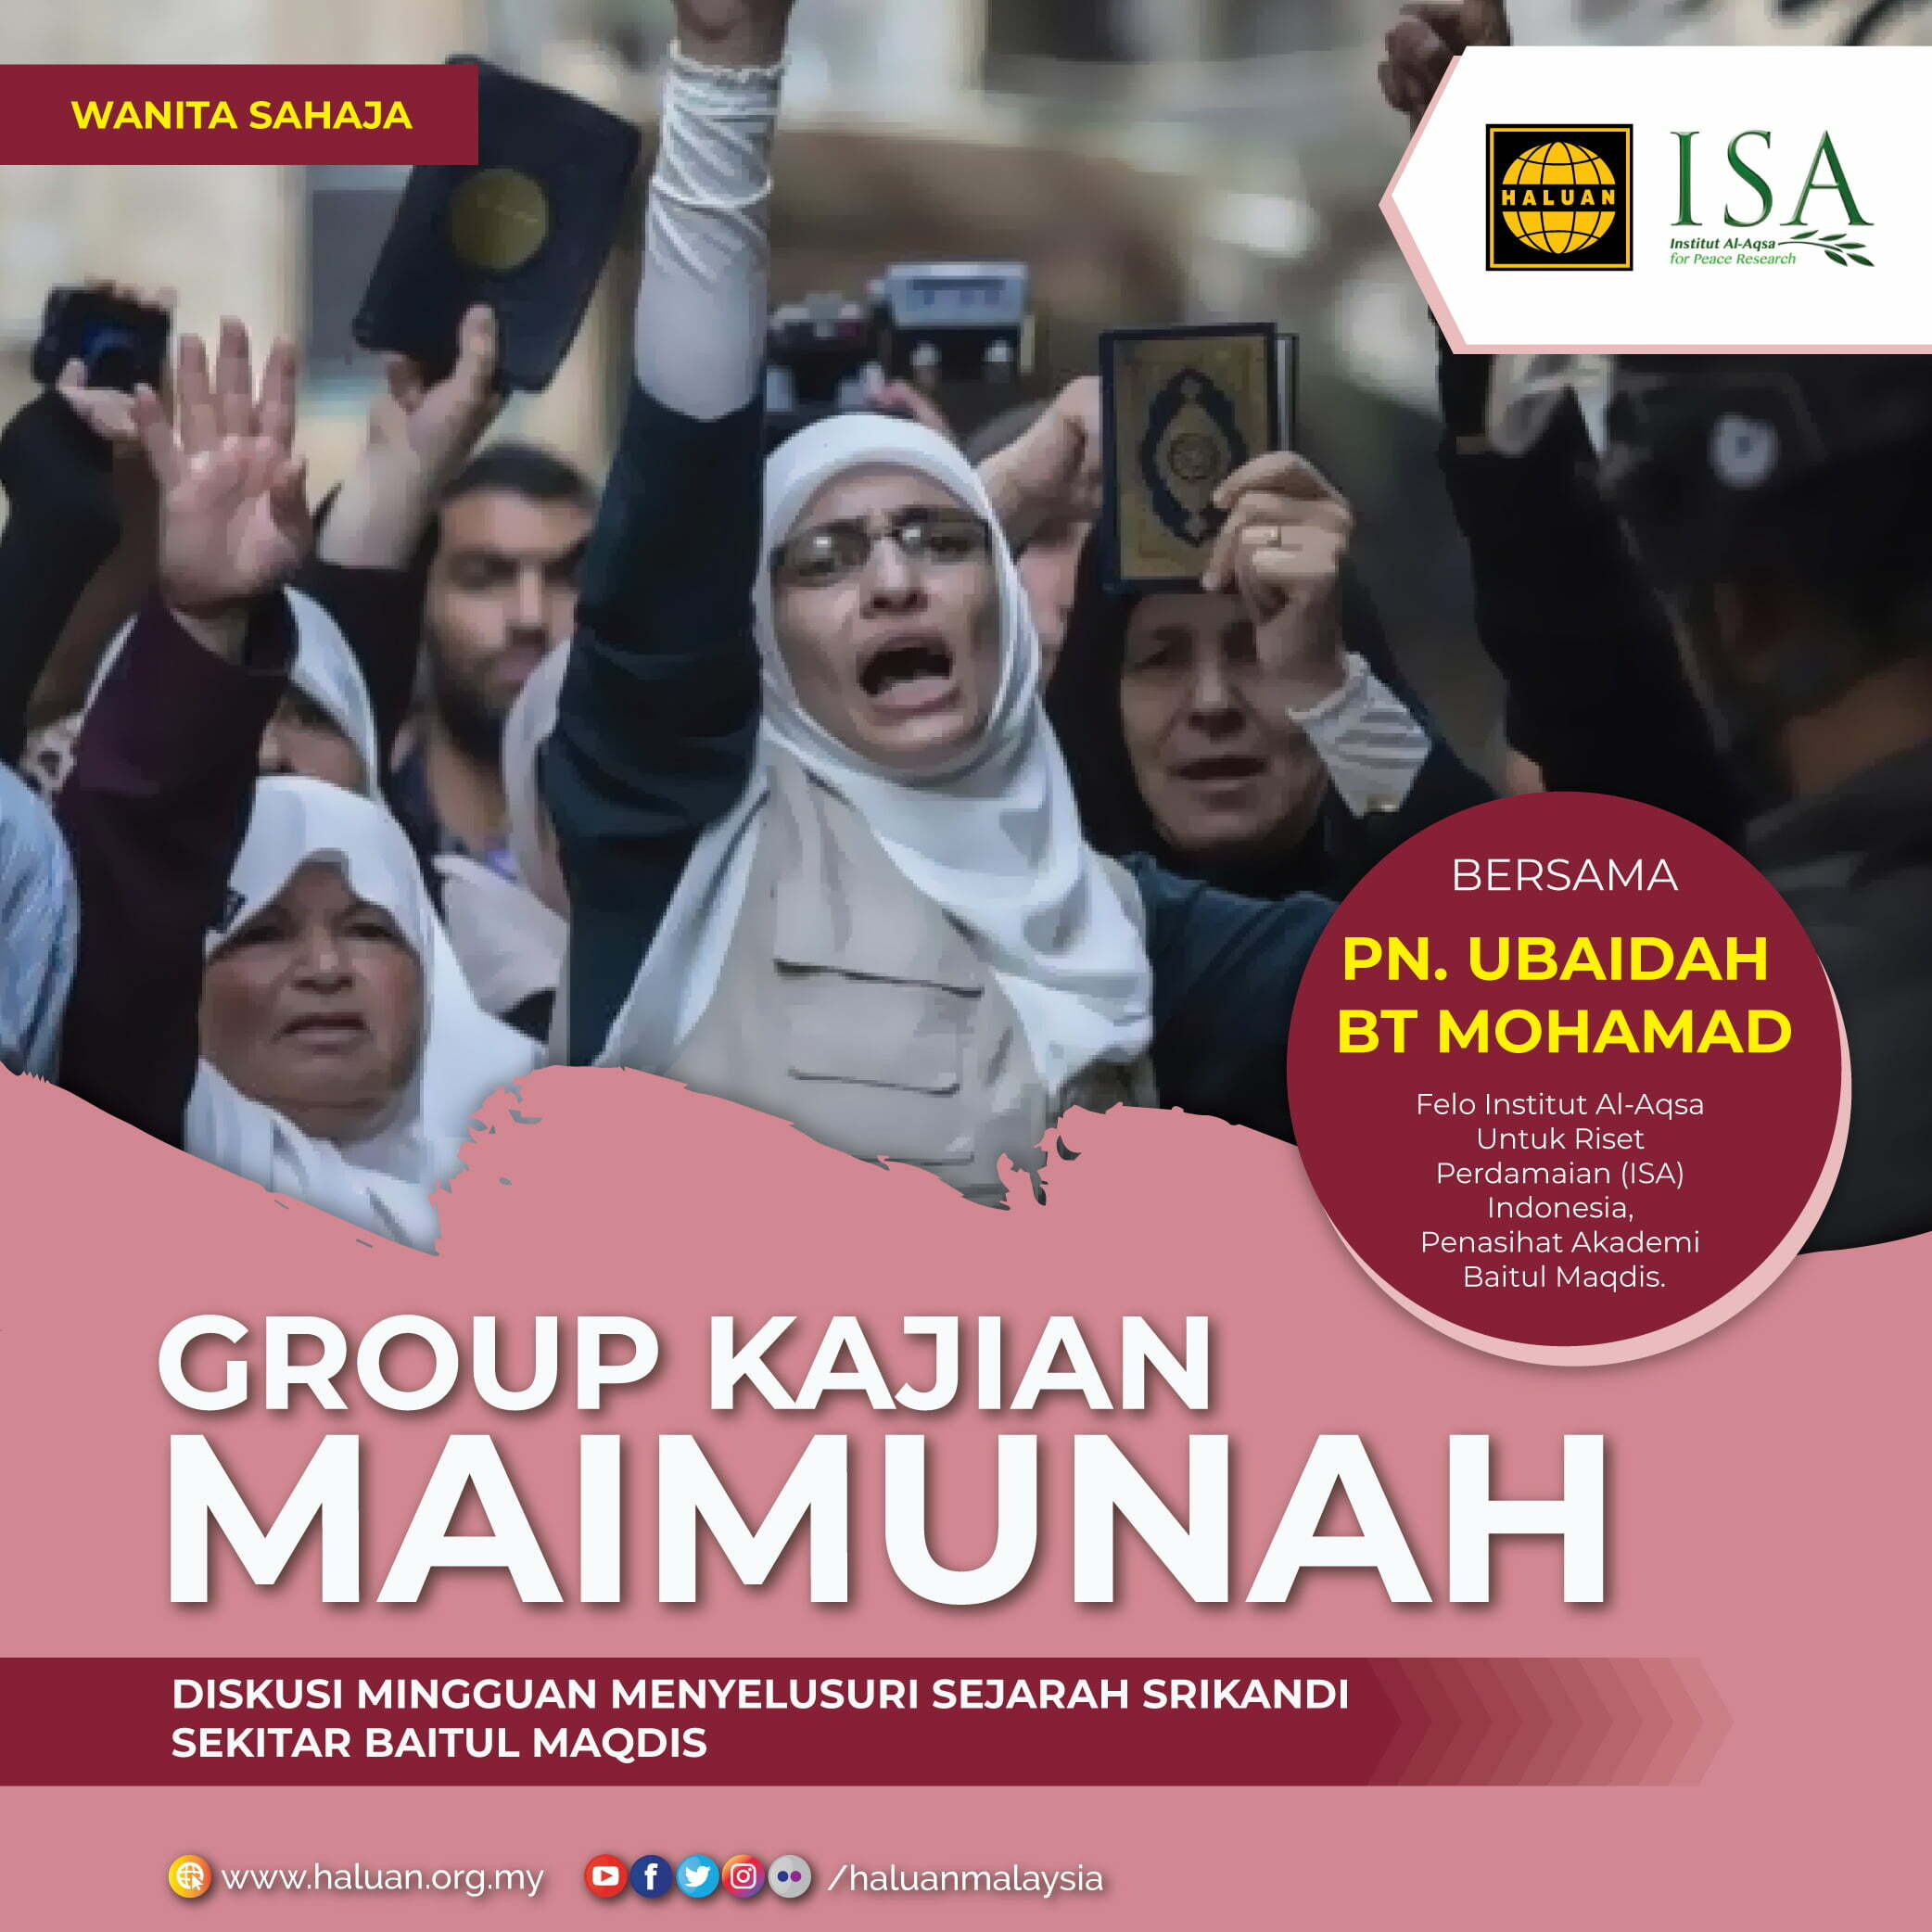 Group Kajian Maimunah